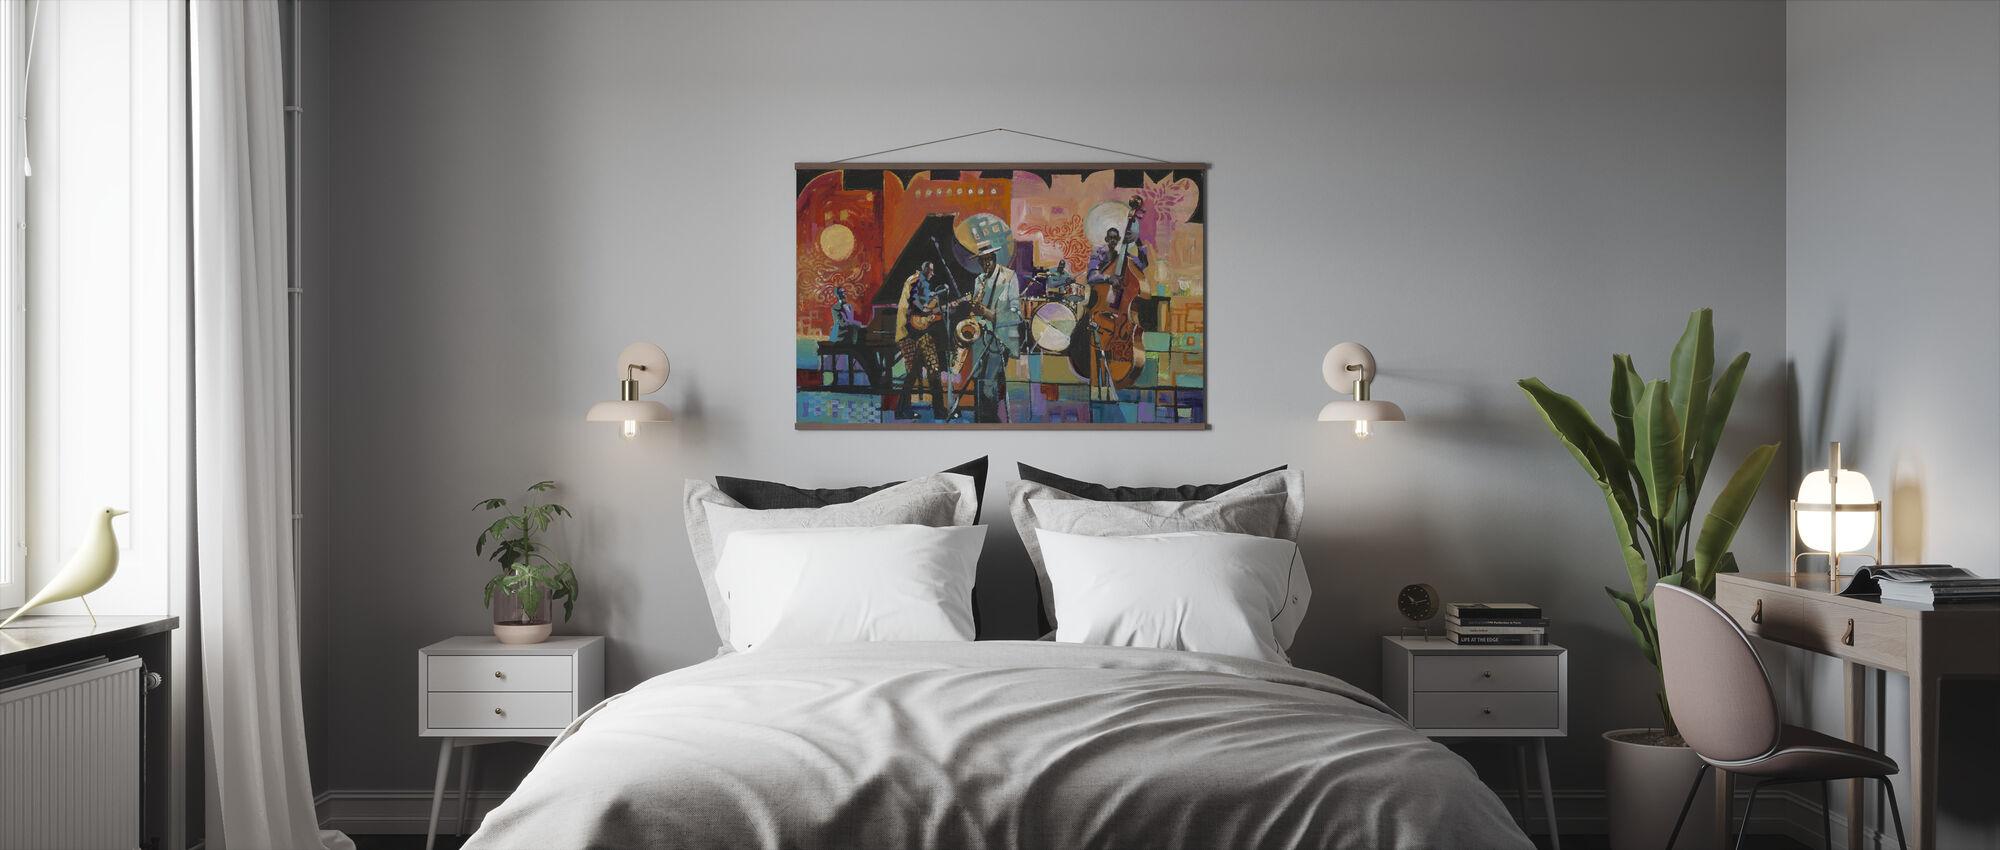 That Jazz - Poster - Bedroom